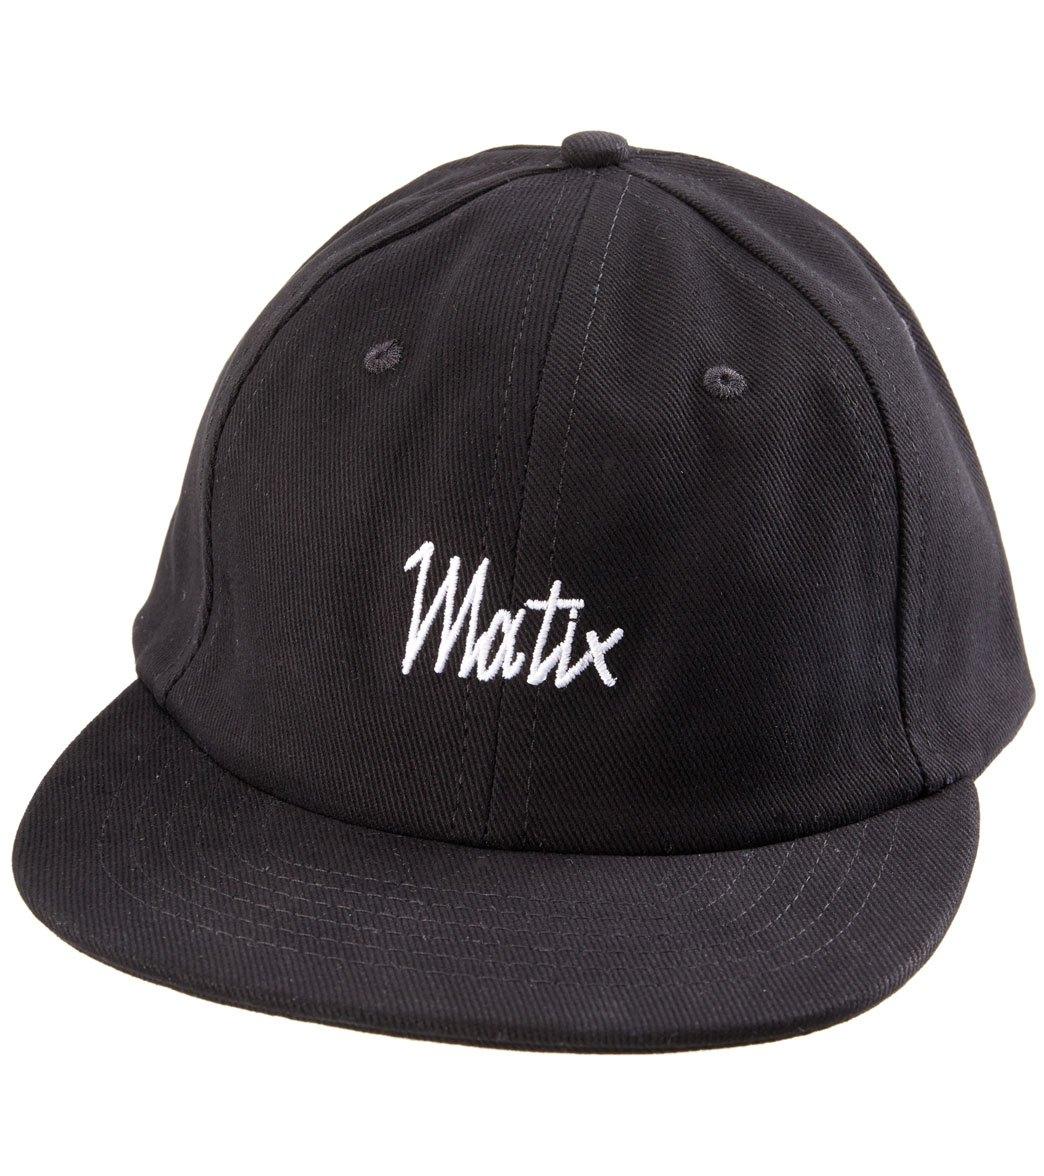 71e5fd800d Matix Men's Classic Polo Hat at SwimOutlet.com